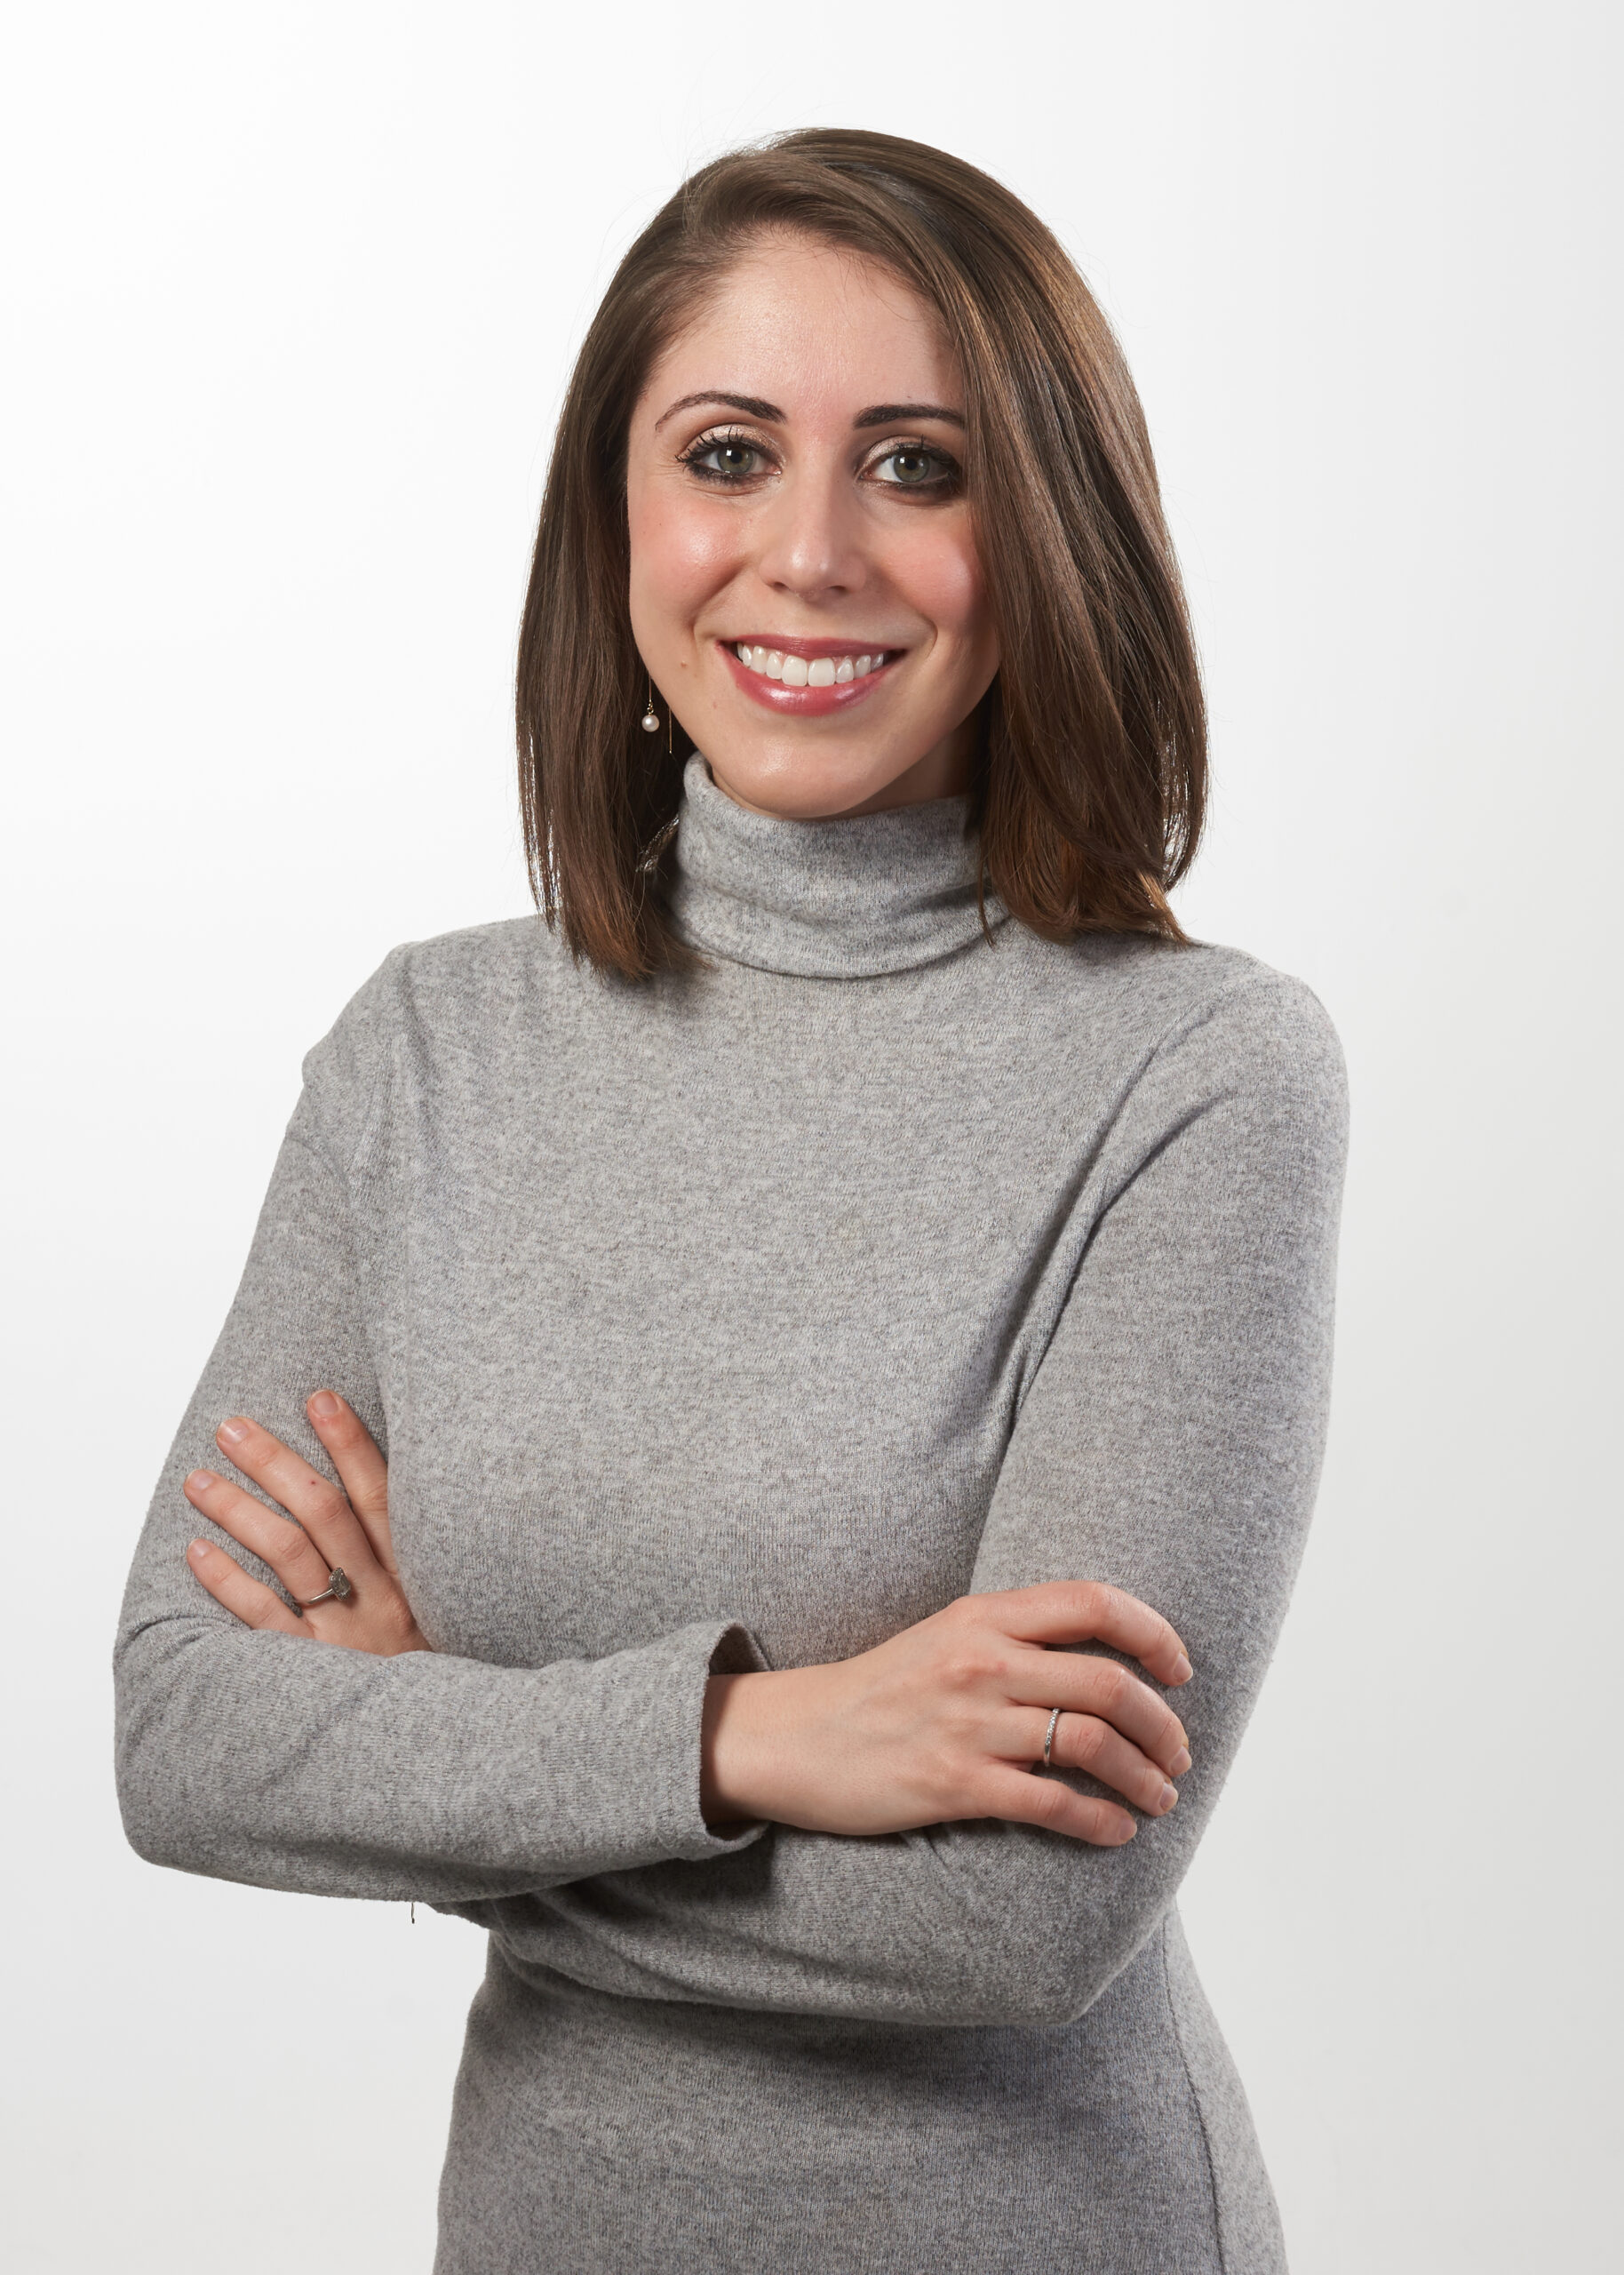 Dr. Chrysanthi Kazantzis